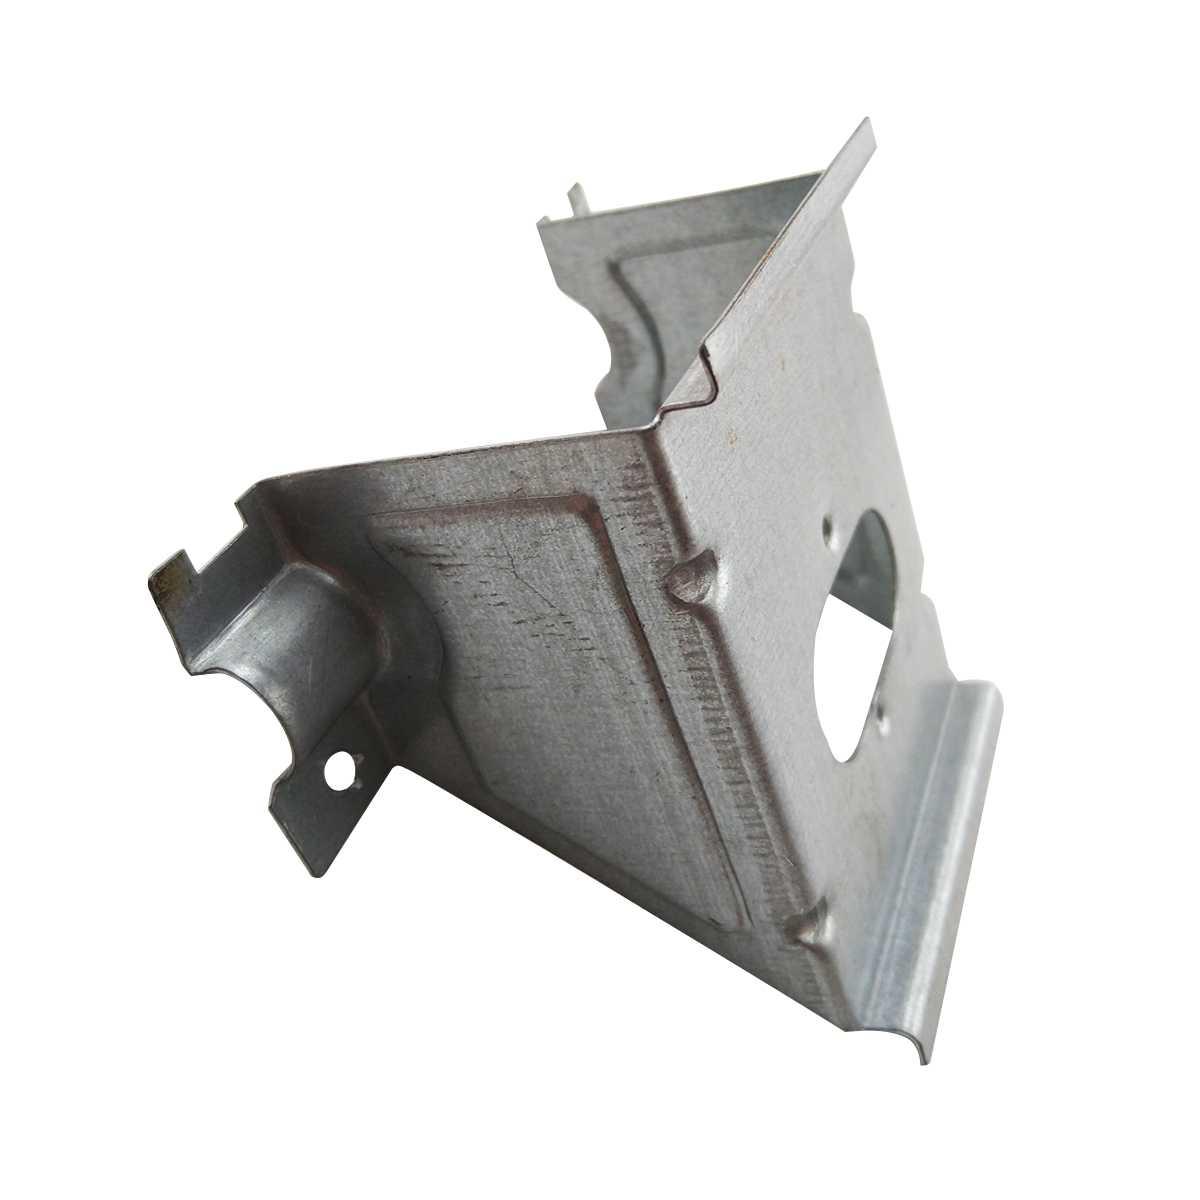 Suporte de fixação do fogão Brastemp 4 bocas XFB70A